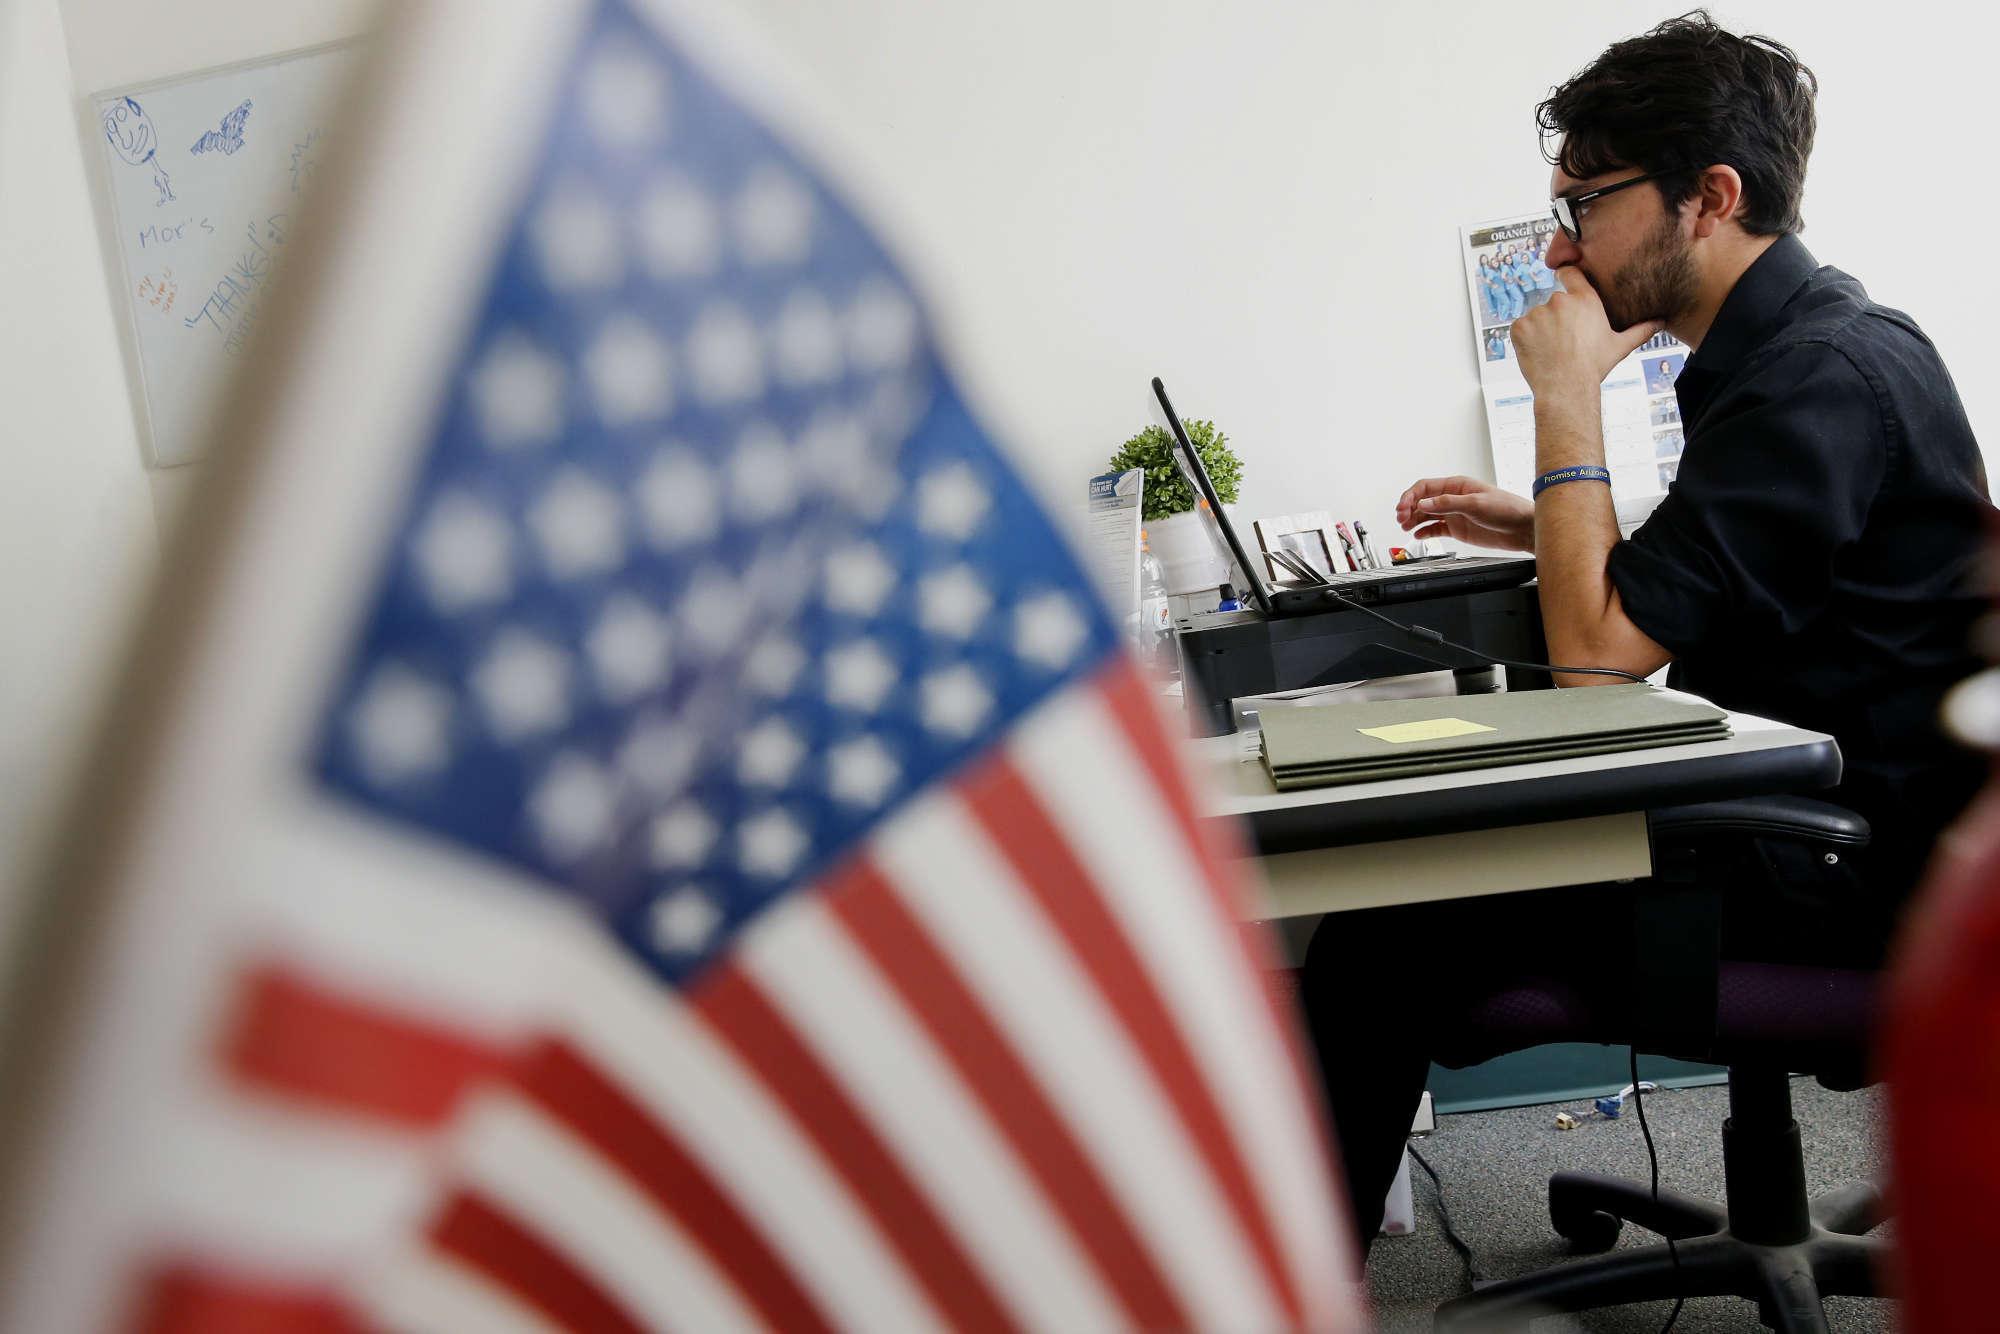 Иностранные стартапы не смогут легко запуститься в США. Фото: bloomberg.com